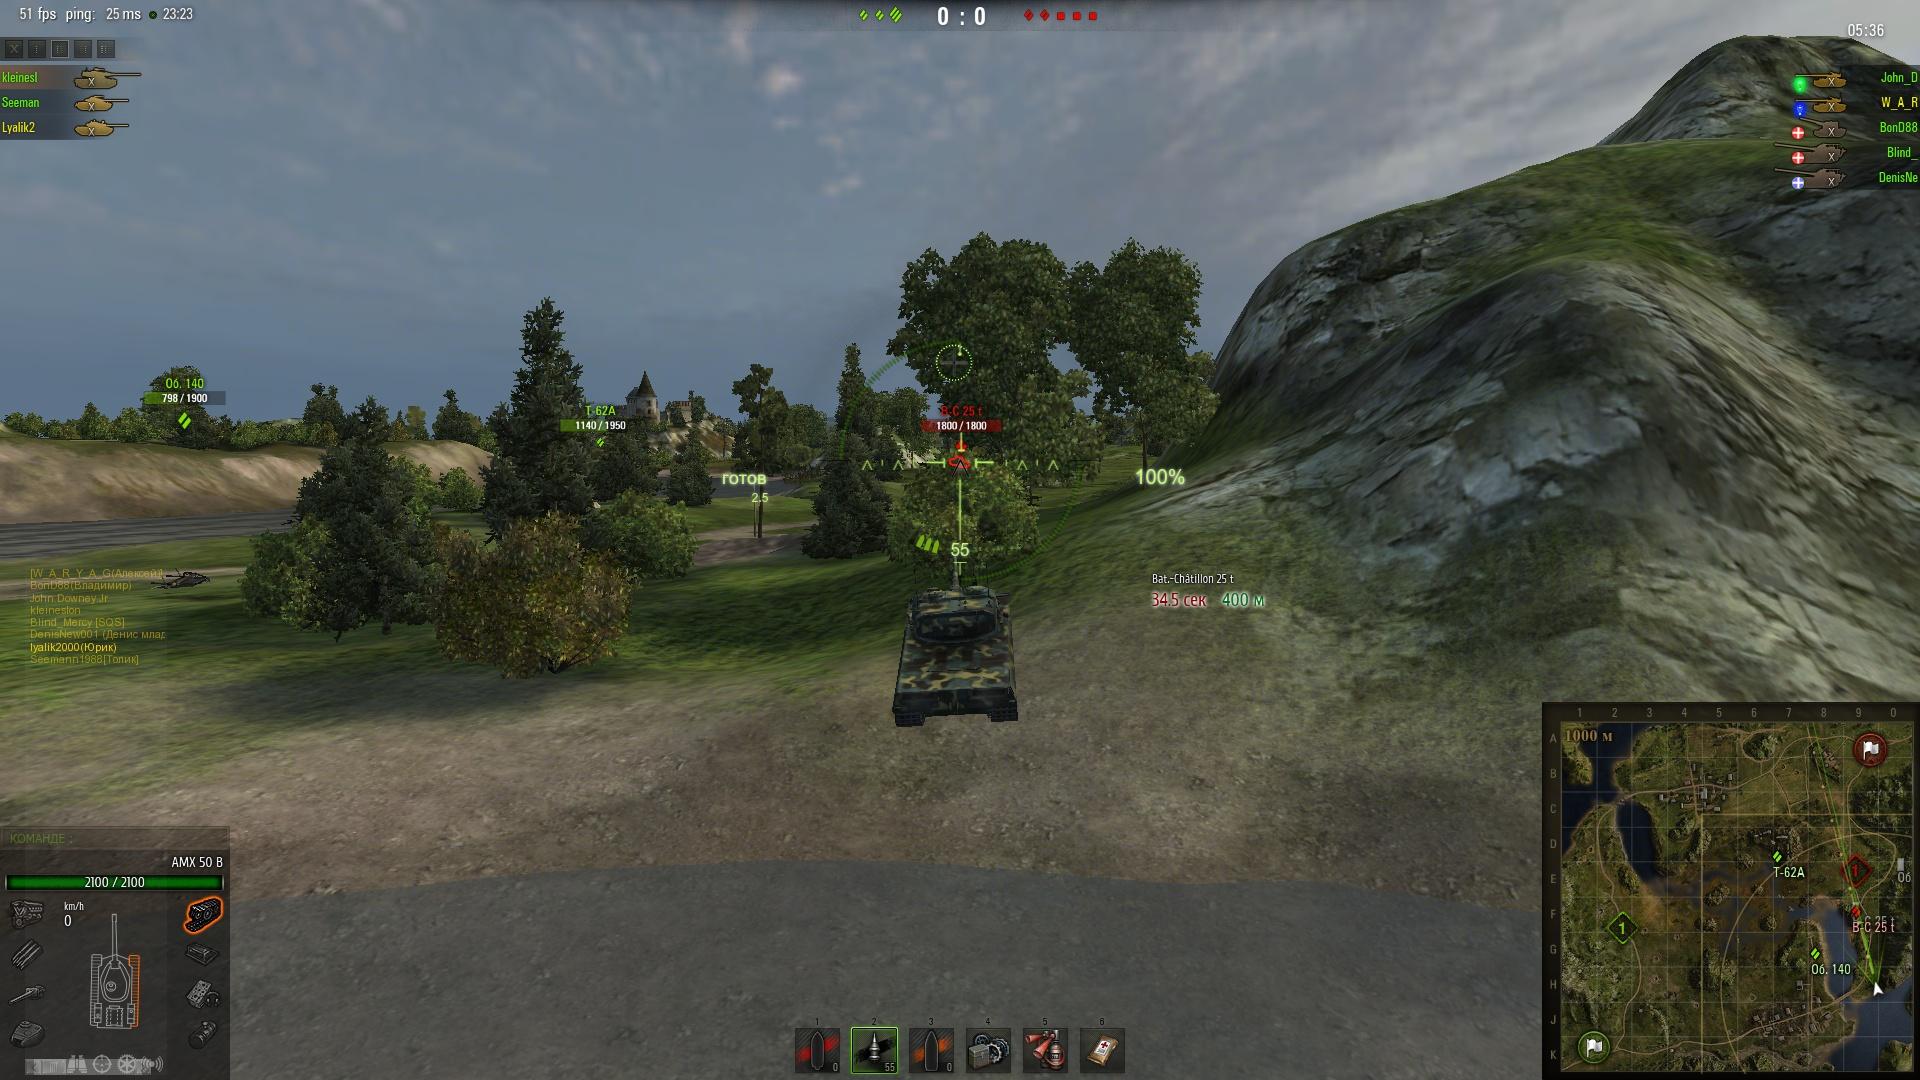 НБ. Подсвет противника на О11 для союзной артиллерии.